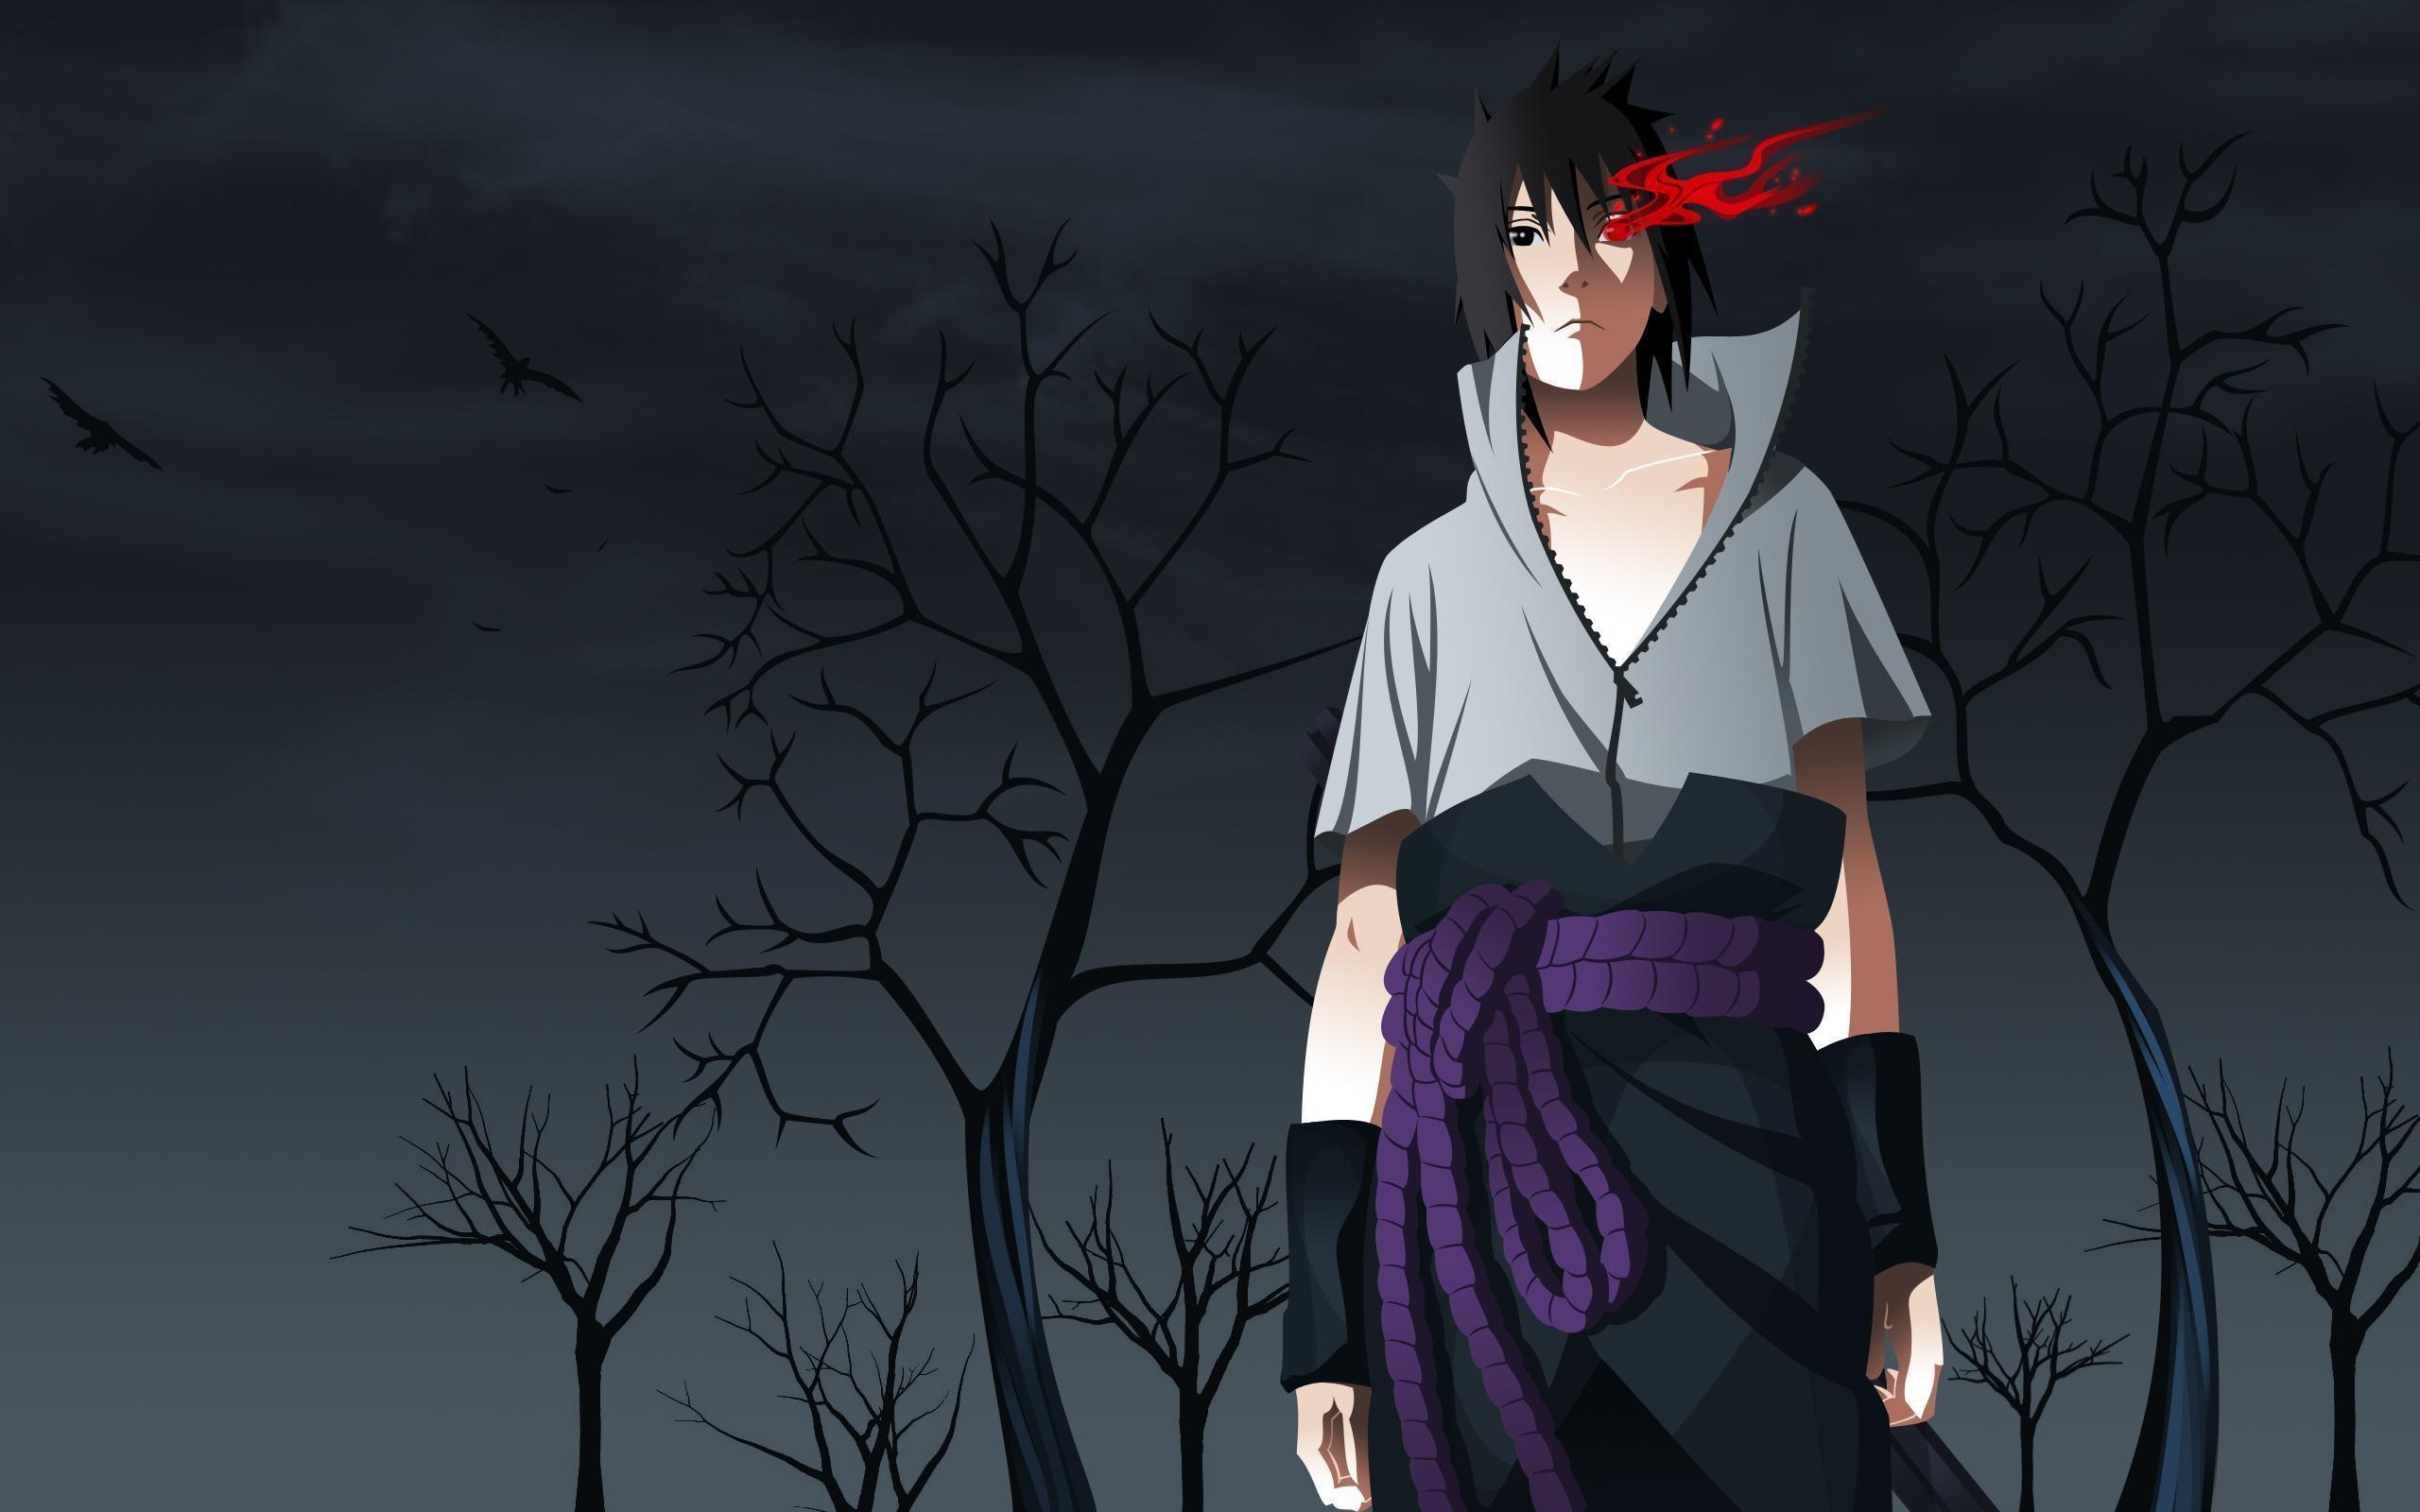 Download 570 Koleksi Wallpaper Hd Anime Sasuke Gratis Terbaru